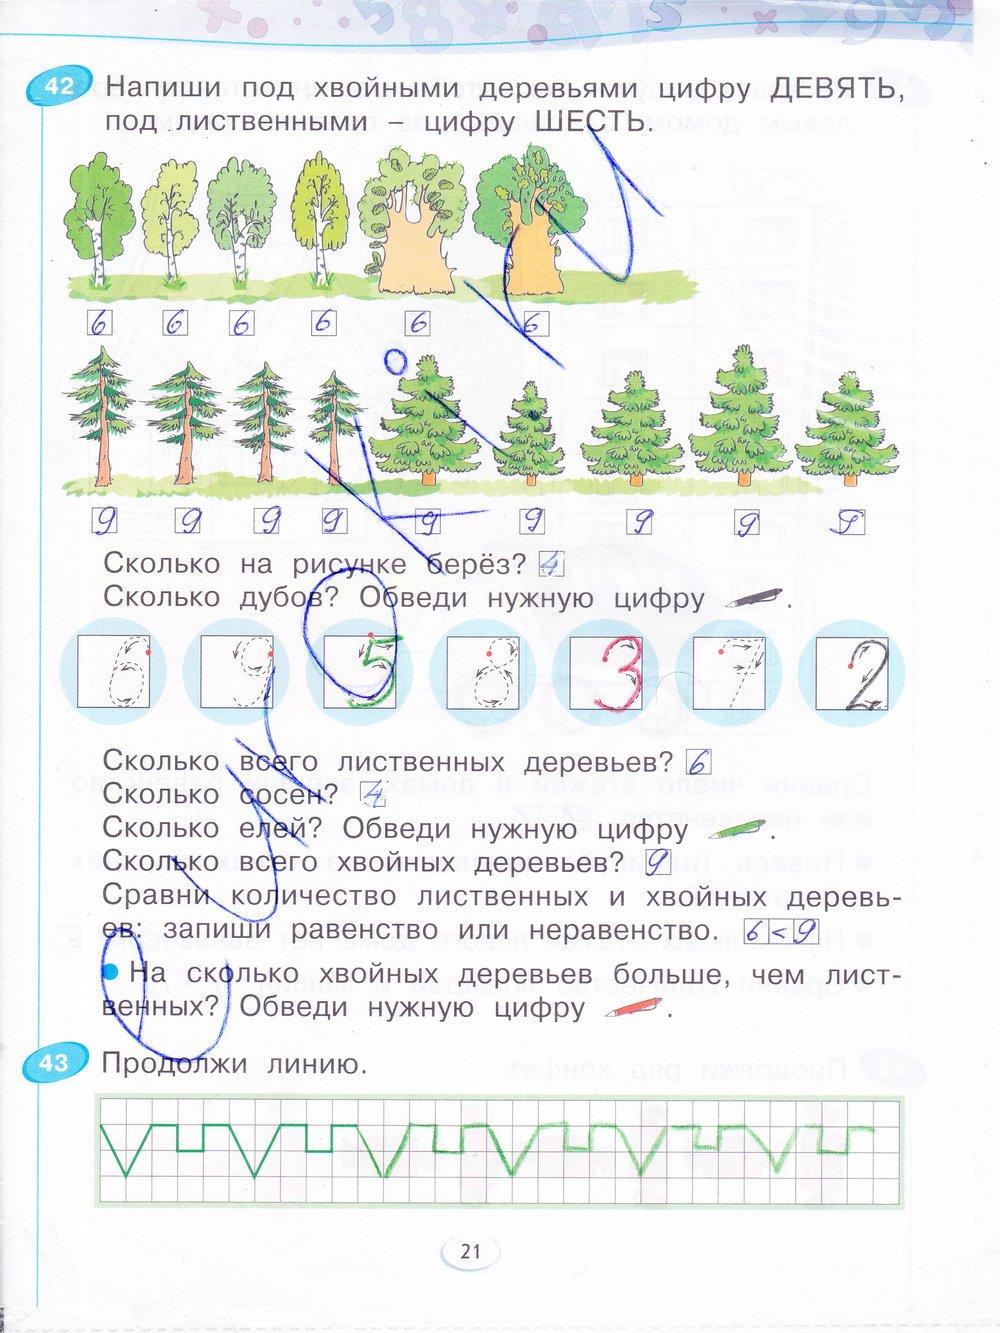 бененсон математика тетрадь итина класса гдз для 3